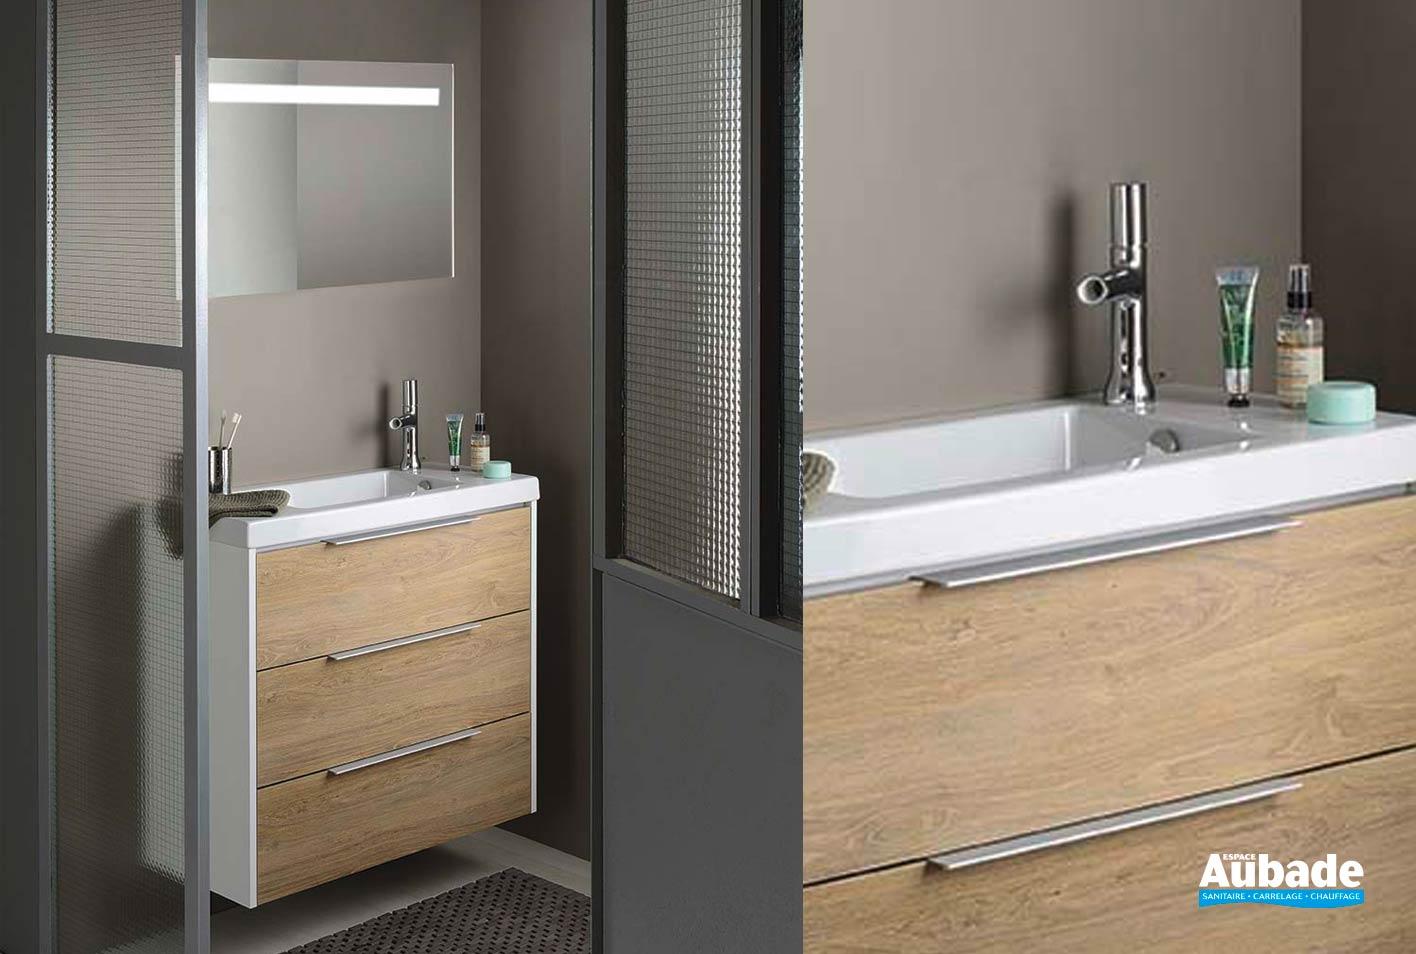 Salle De Bain Halo meubles salle de bains sanijura xs